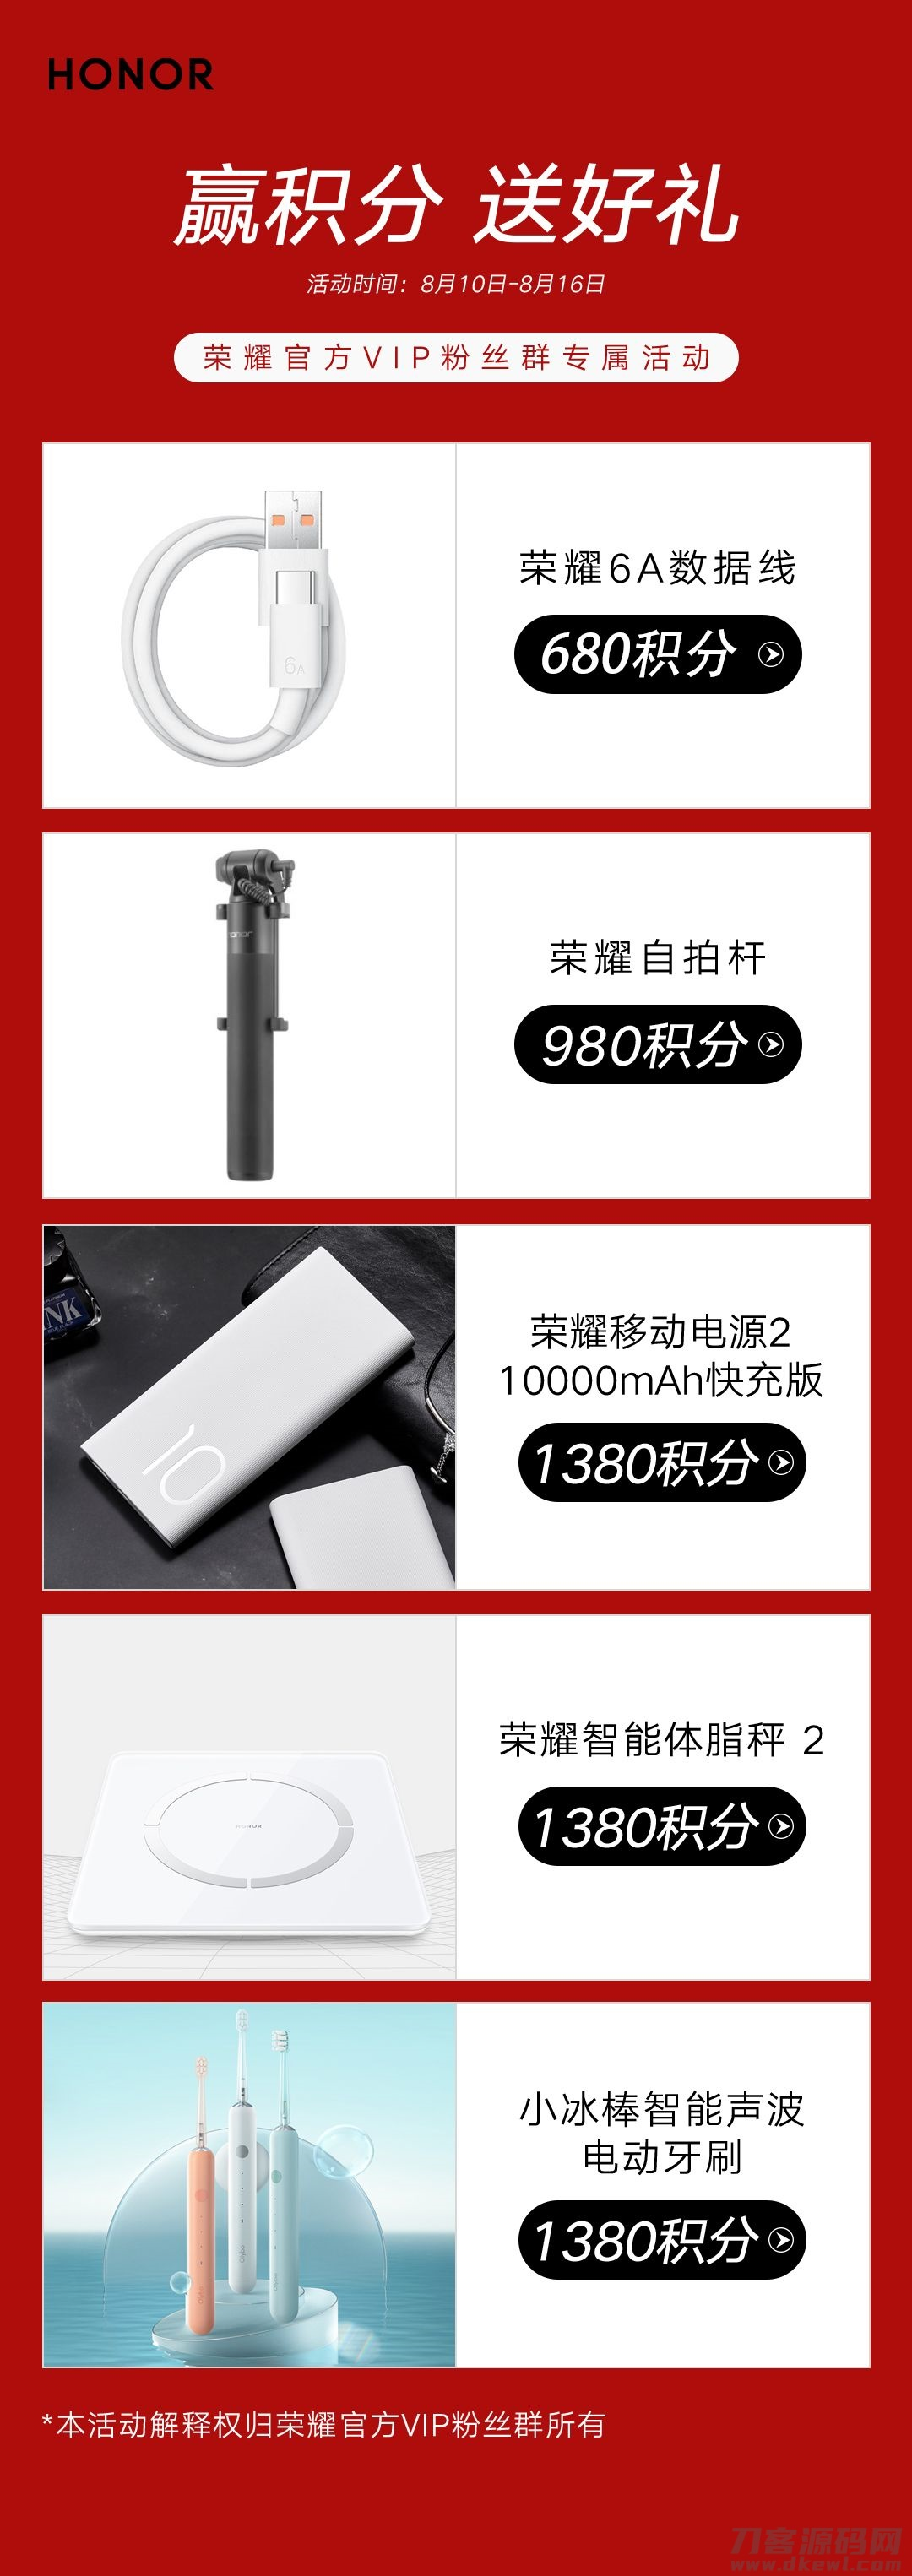 【实物福利】荣光手机官方微信群发送福利插图1